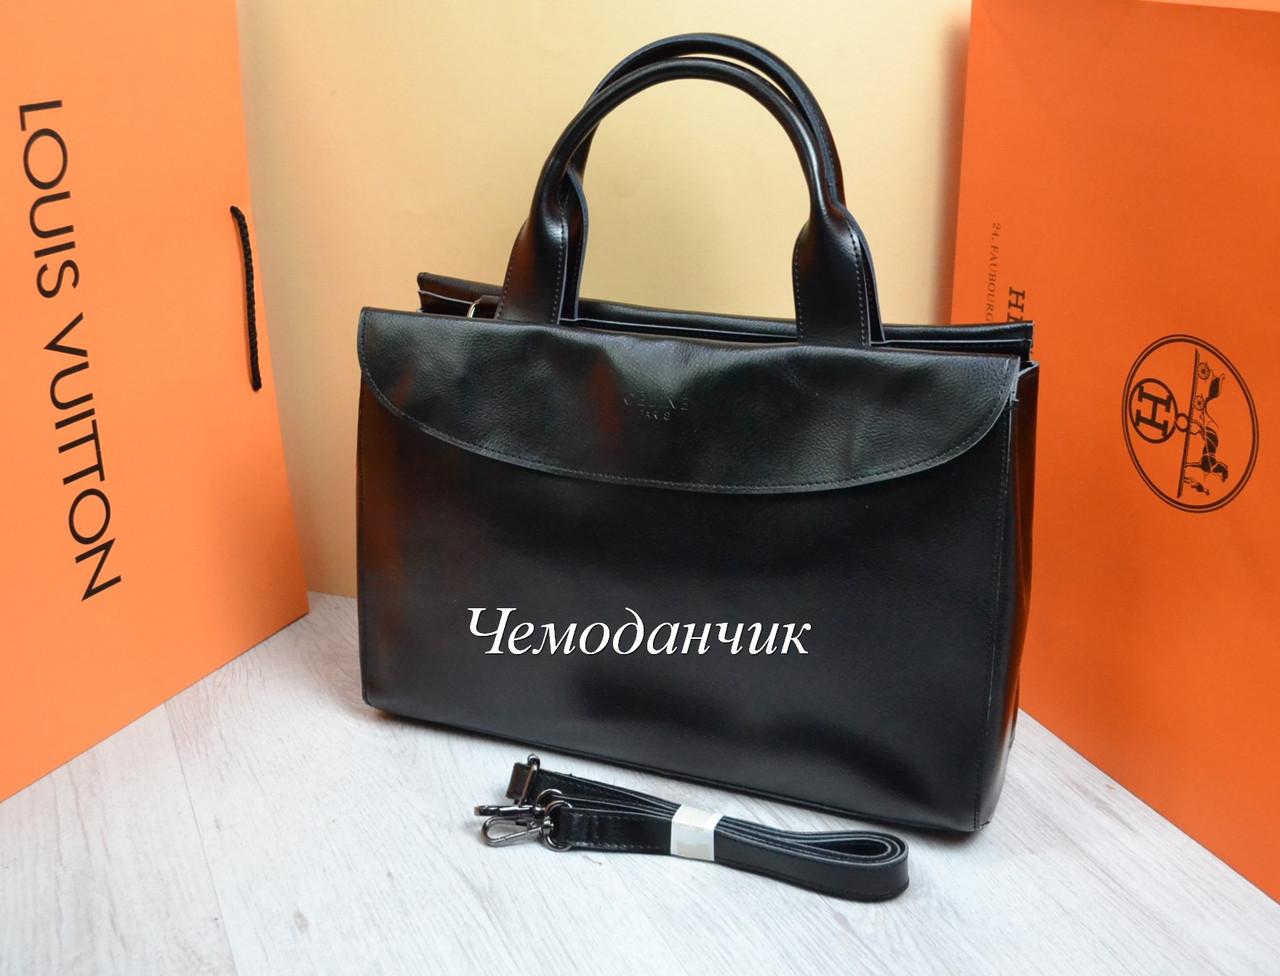 190ff0740492 КОЖАНАЯ СУМКА Celine Селин 5 в расцветках - ЧЕМОДАНЧИК - самые красивые  сумочки по самой приятной